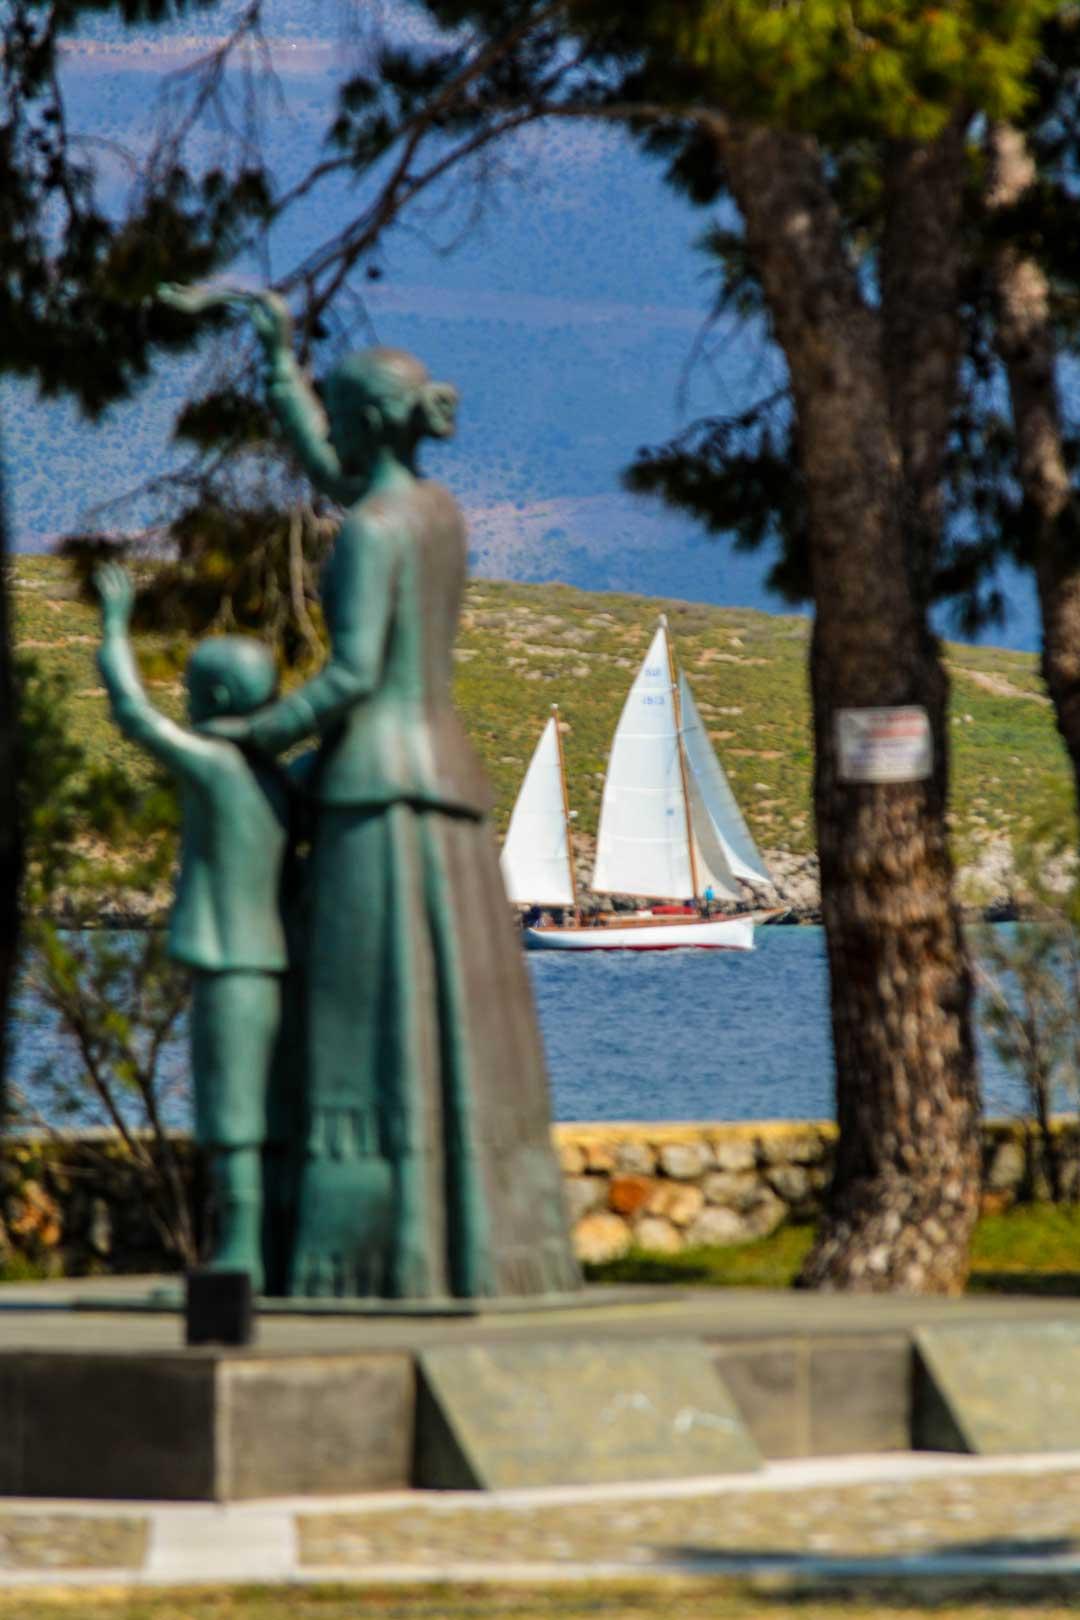 Γαλαξίδι μνημείο της γυναίκας του ναυτικού travelshare.gr